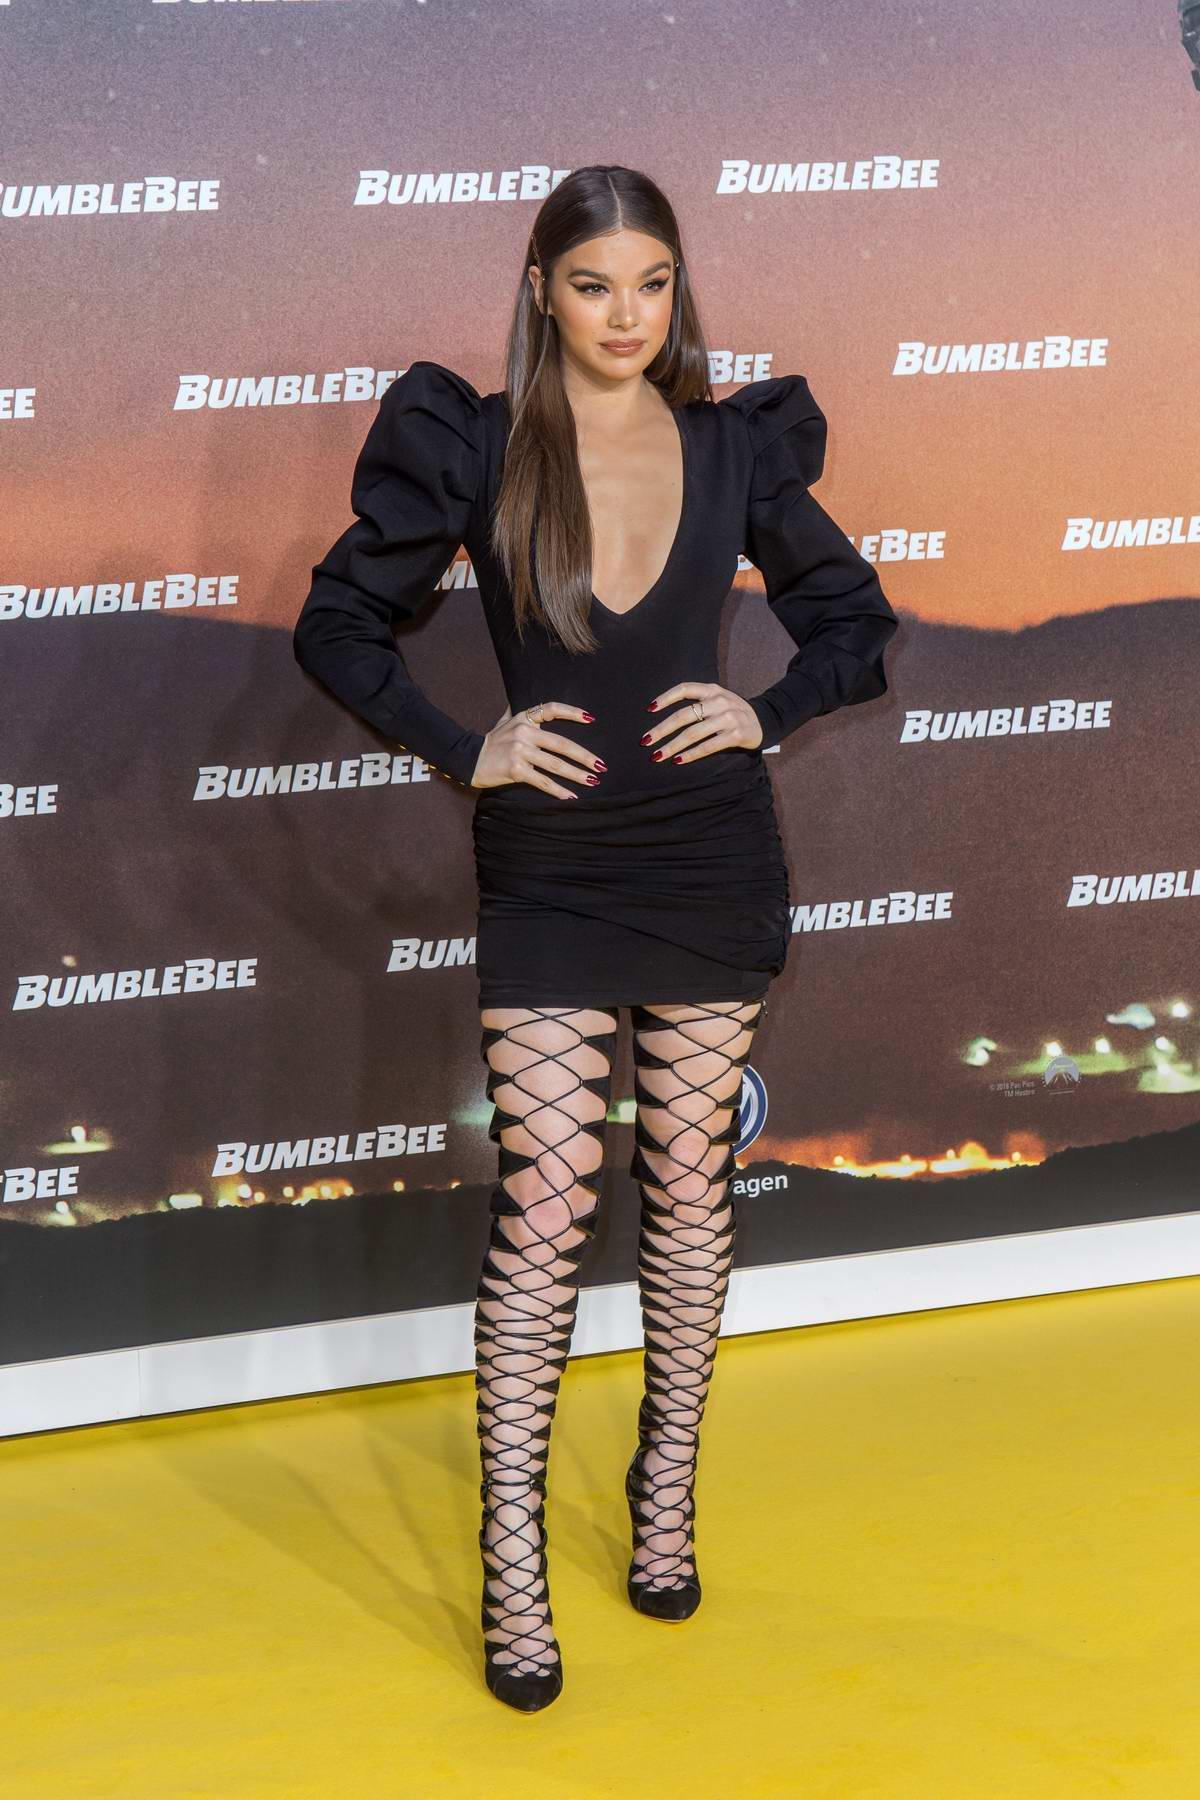 Hailee Steinfeld attends the Special Fan-Screening of 'Bumblebee' in Berlin, Germany